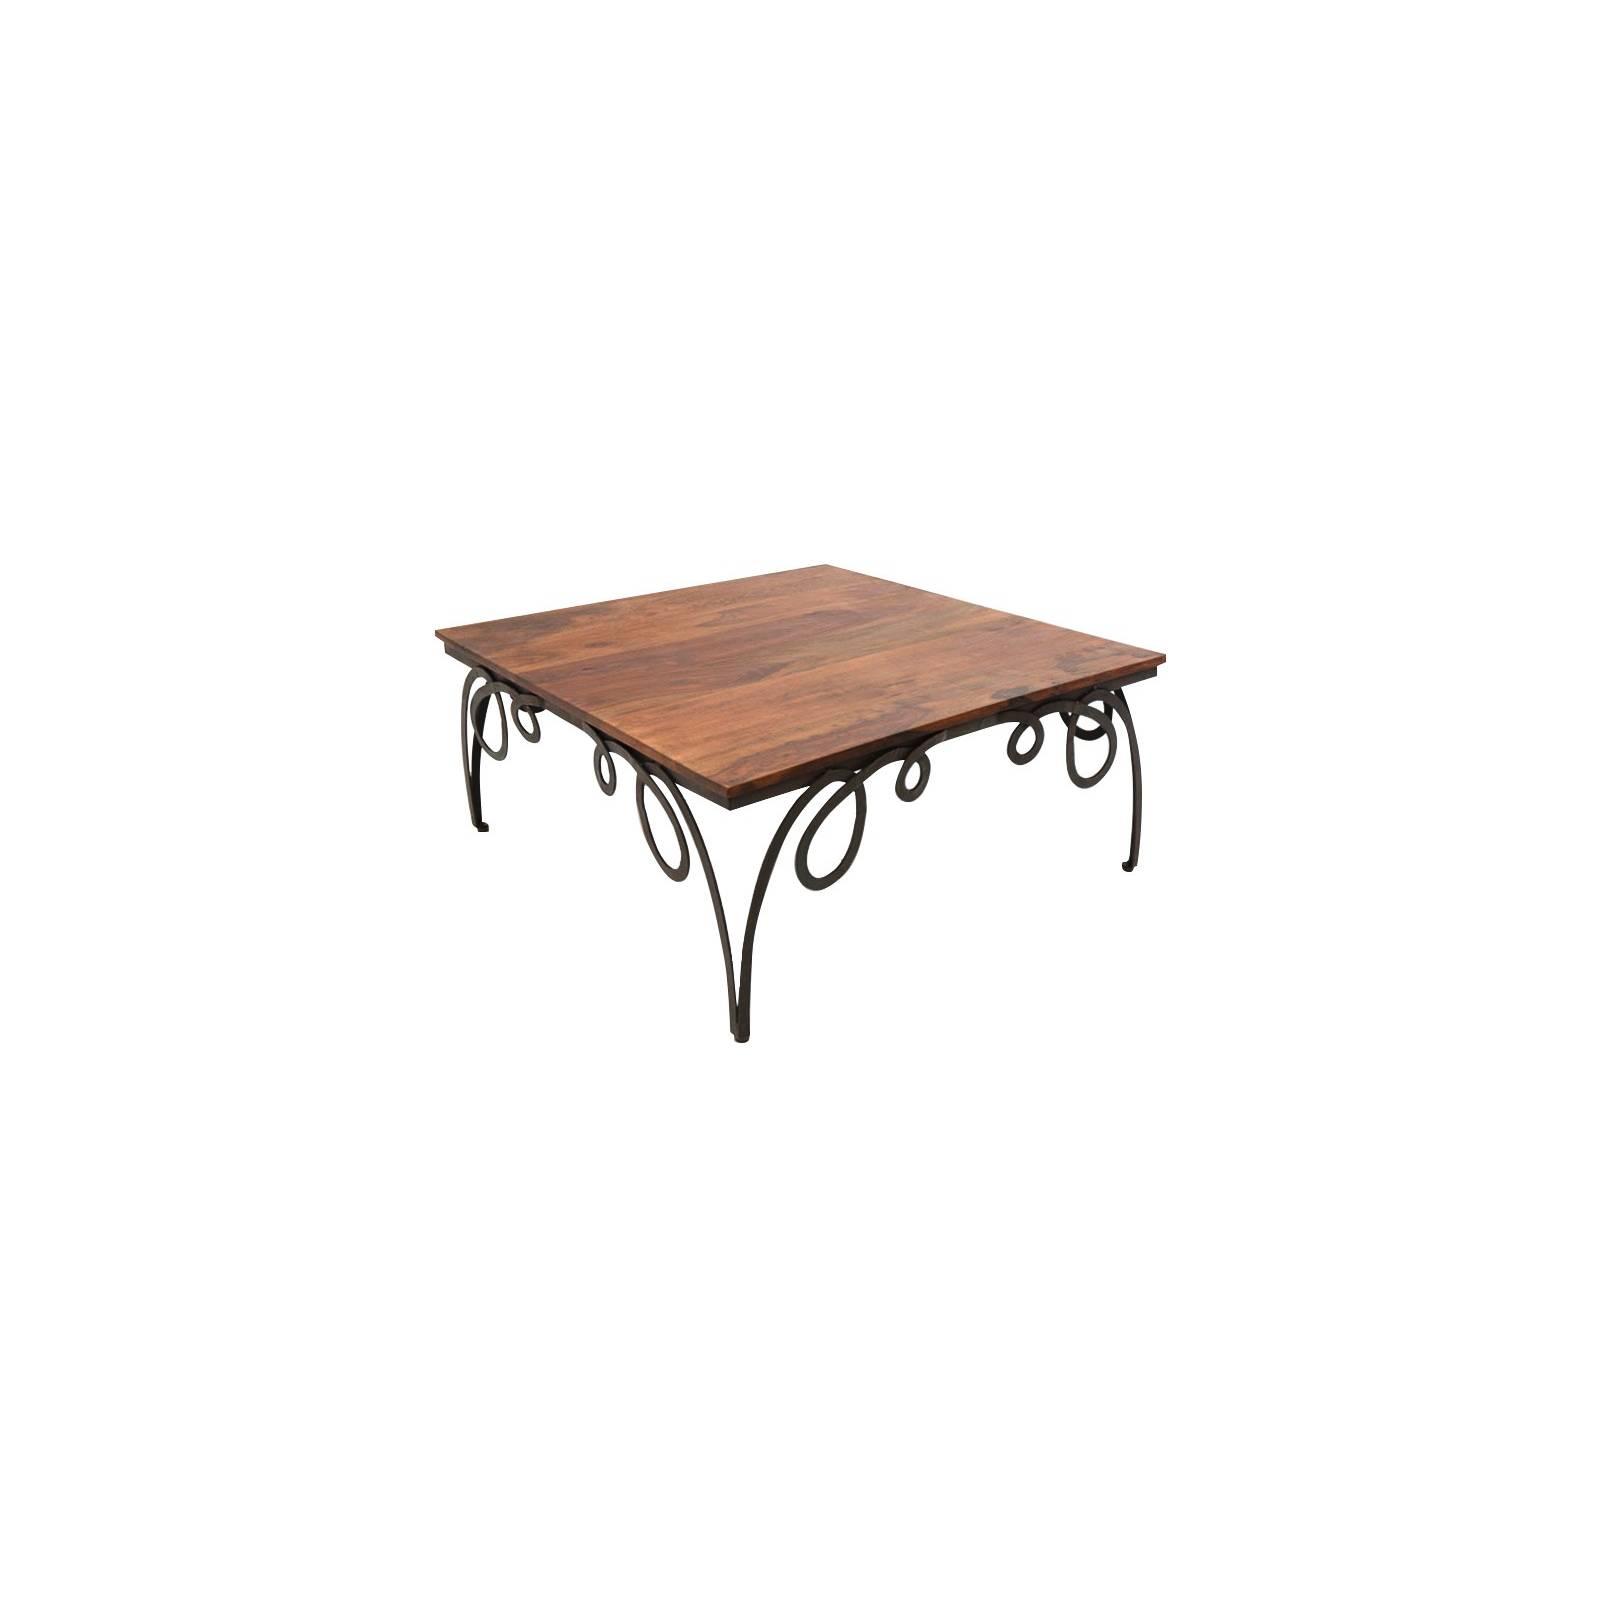 Table Basse Rétro Loft Palissandre - meuble style industriel